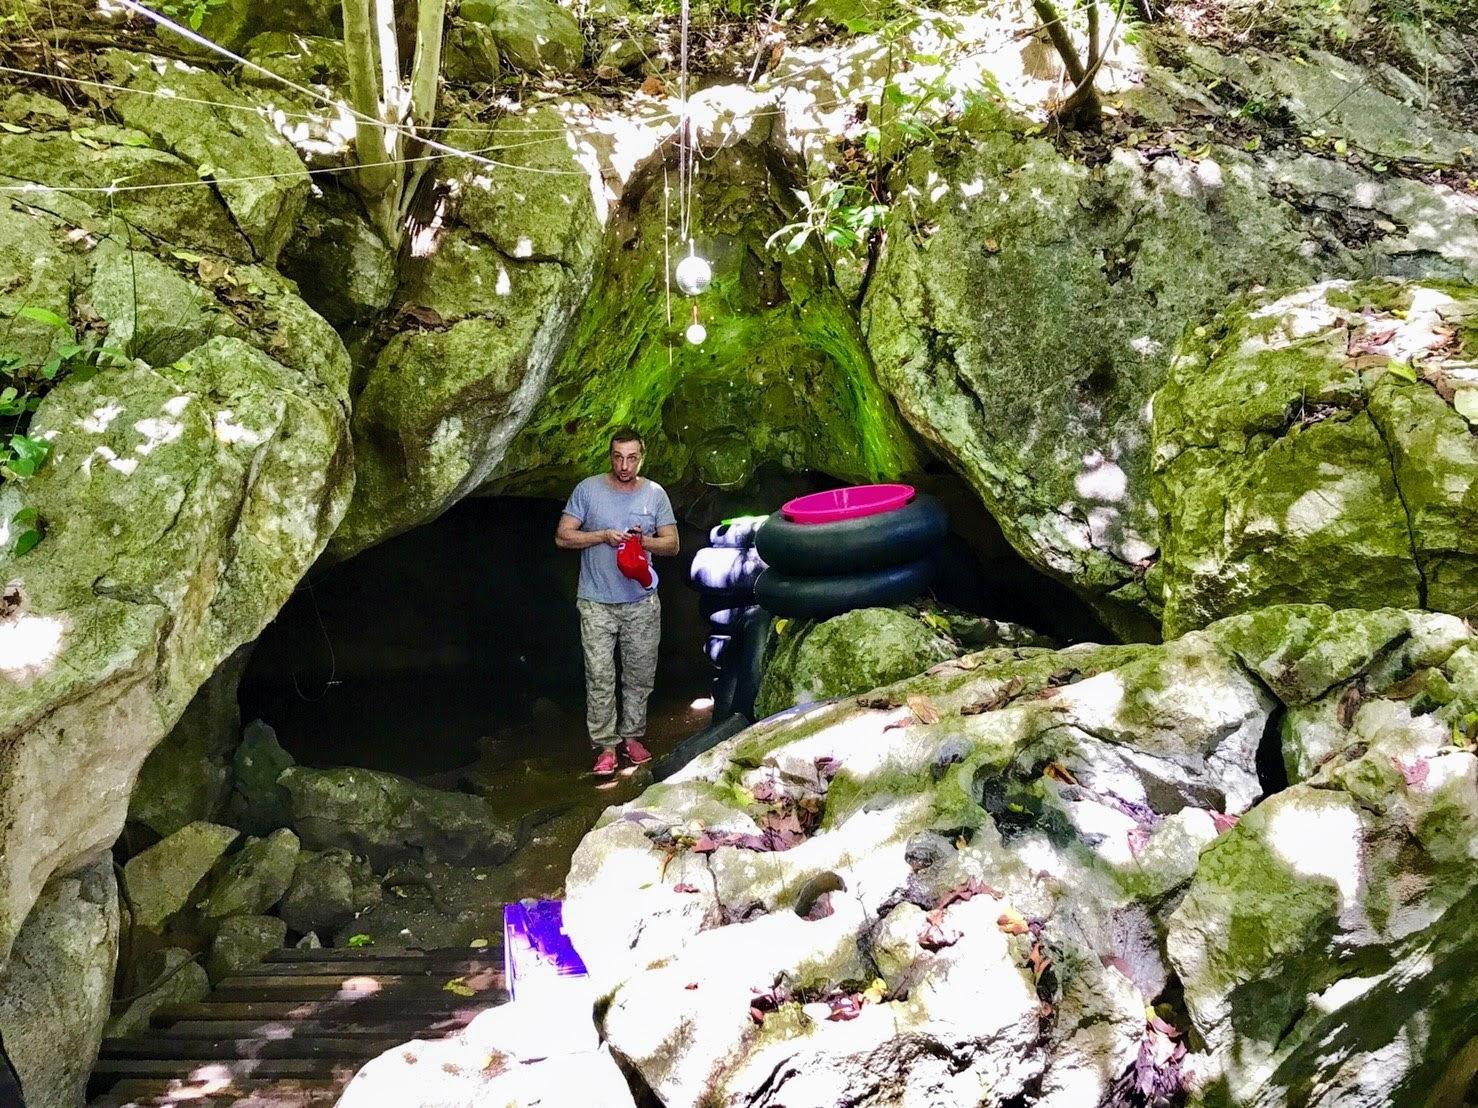 Сплав в жилетах по подземной реке во время тура «Следопыт»